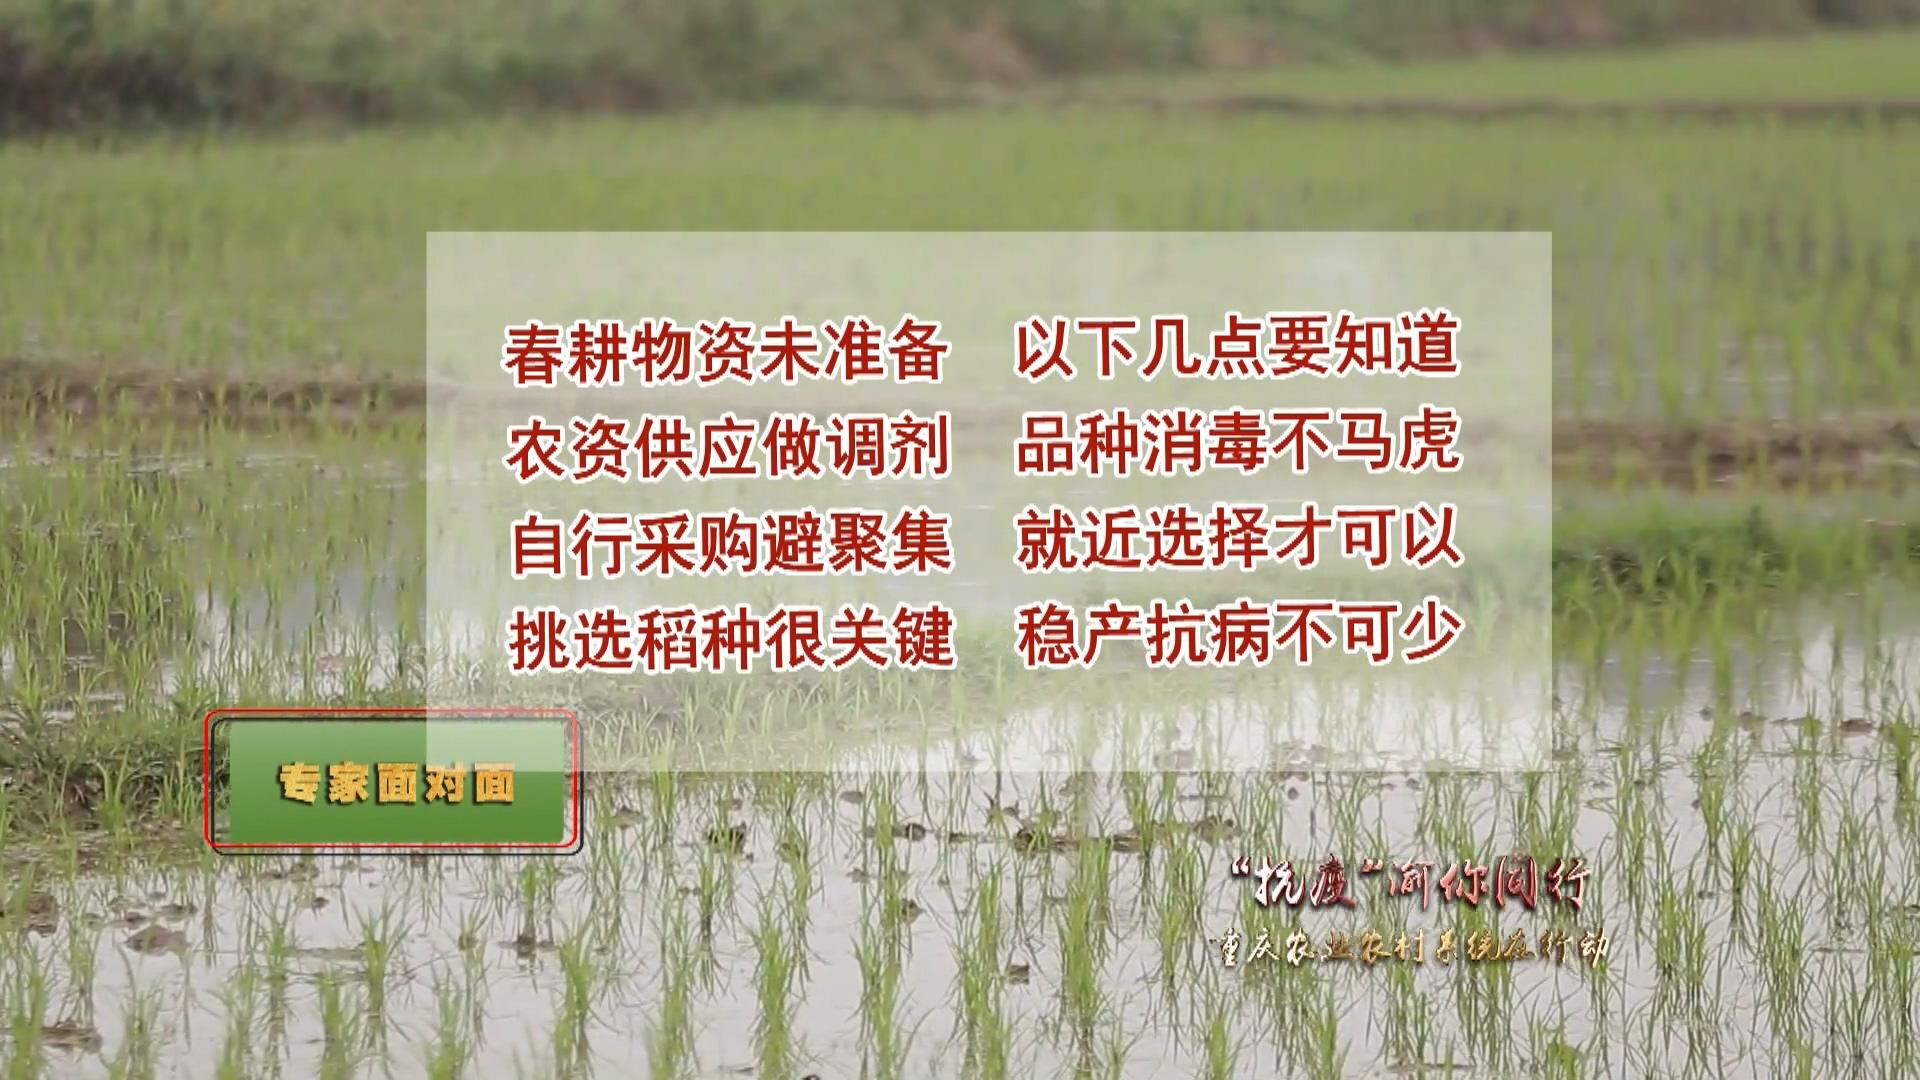 【天天农事通】专家面对面——新型冠状病毒肺炎疫情期间,水稻农资采购怎么办?